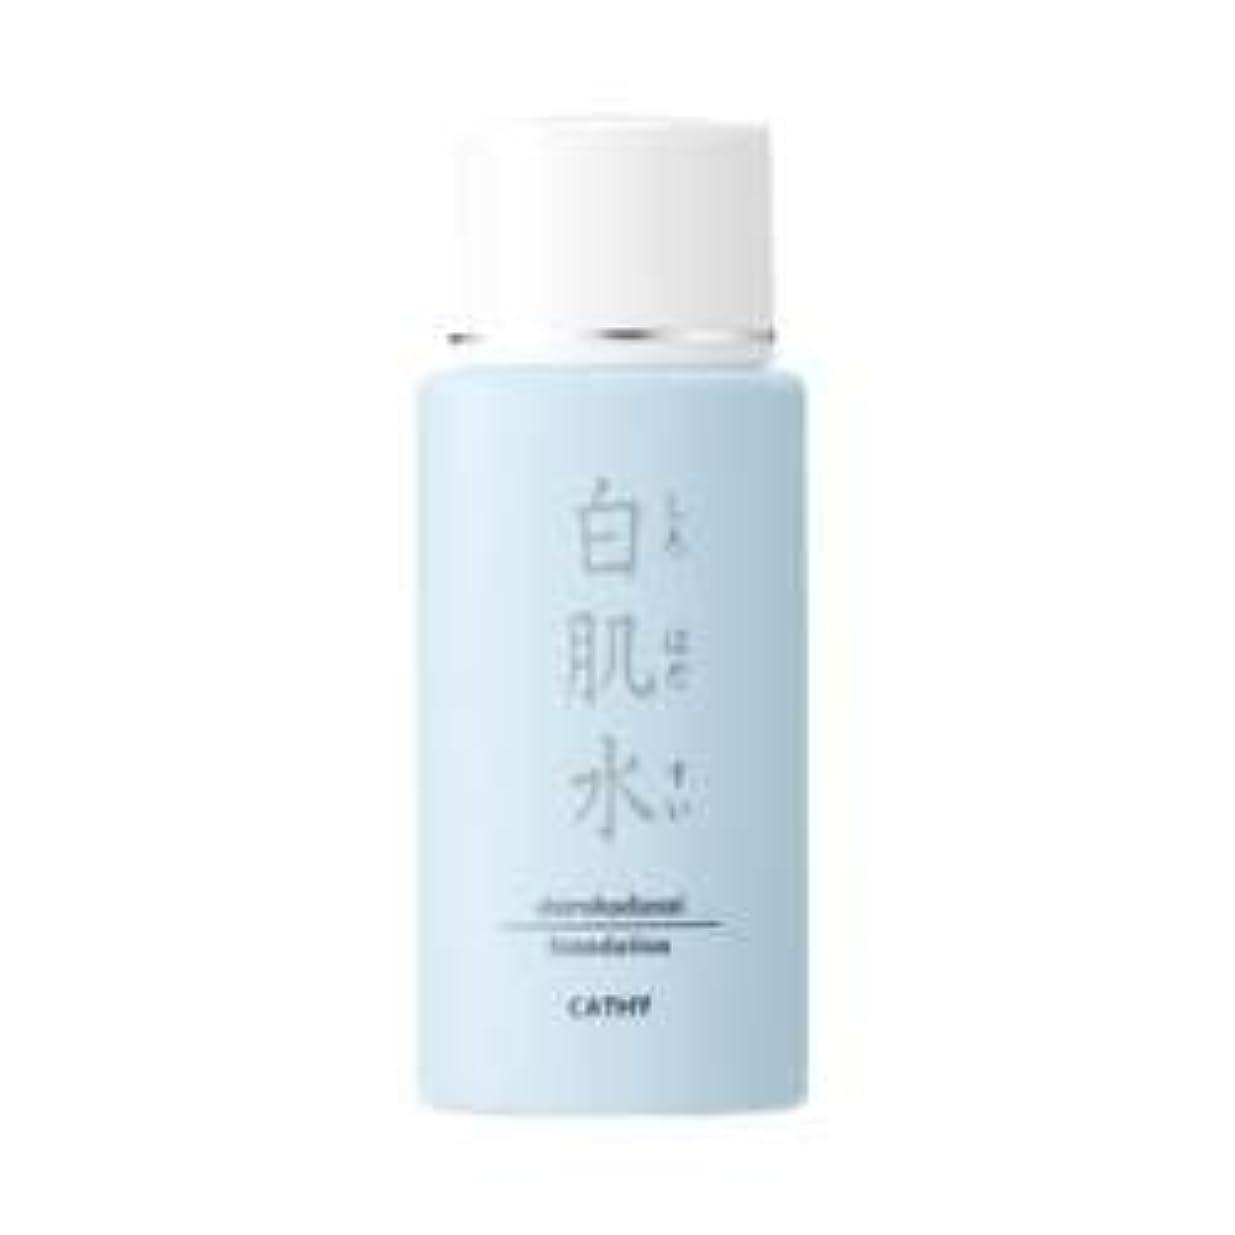 ガチョウフォーク意外カシー 白肌水(55ml)